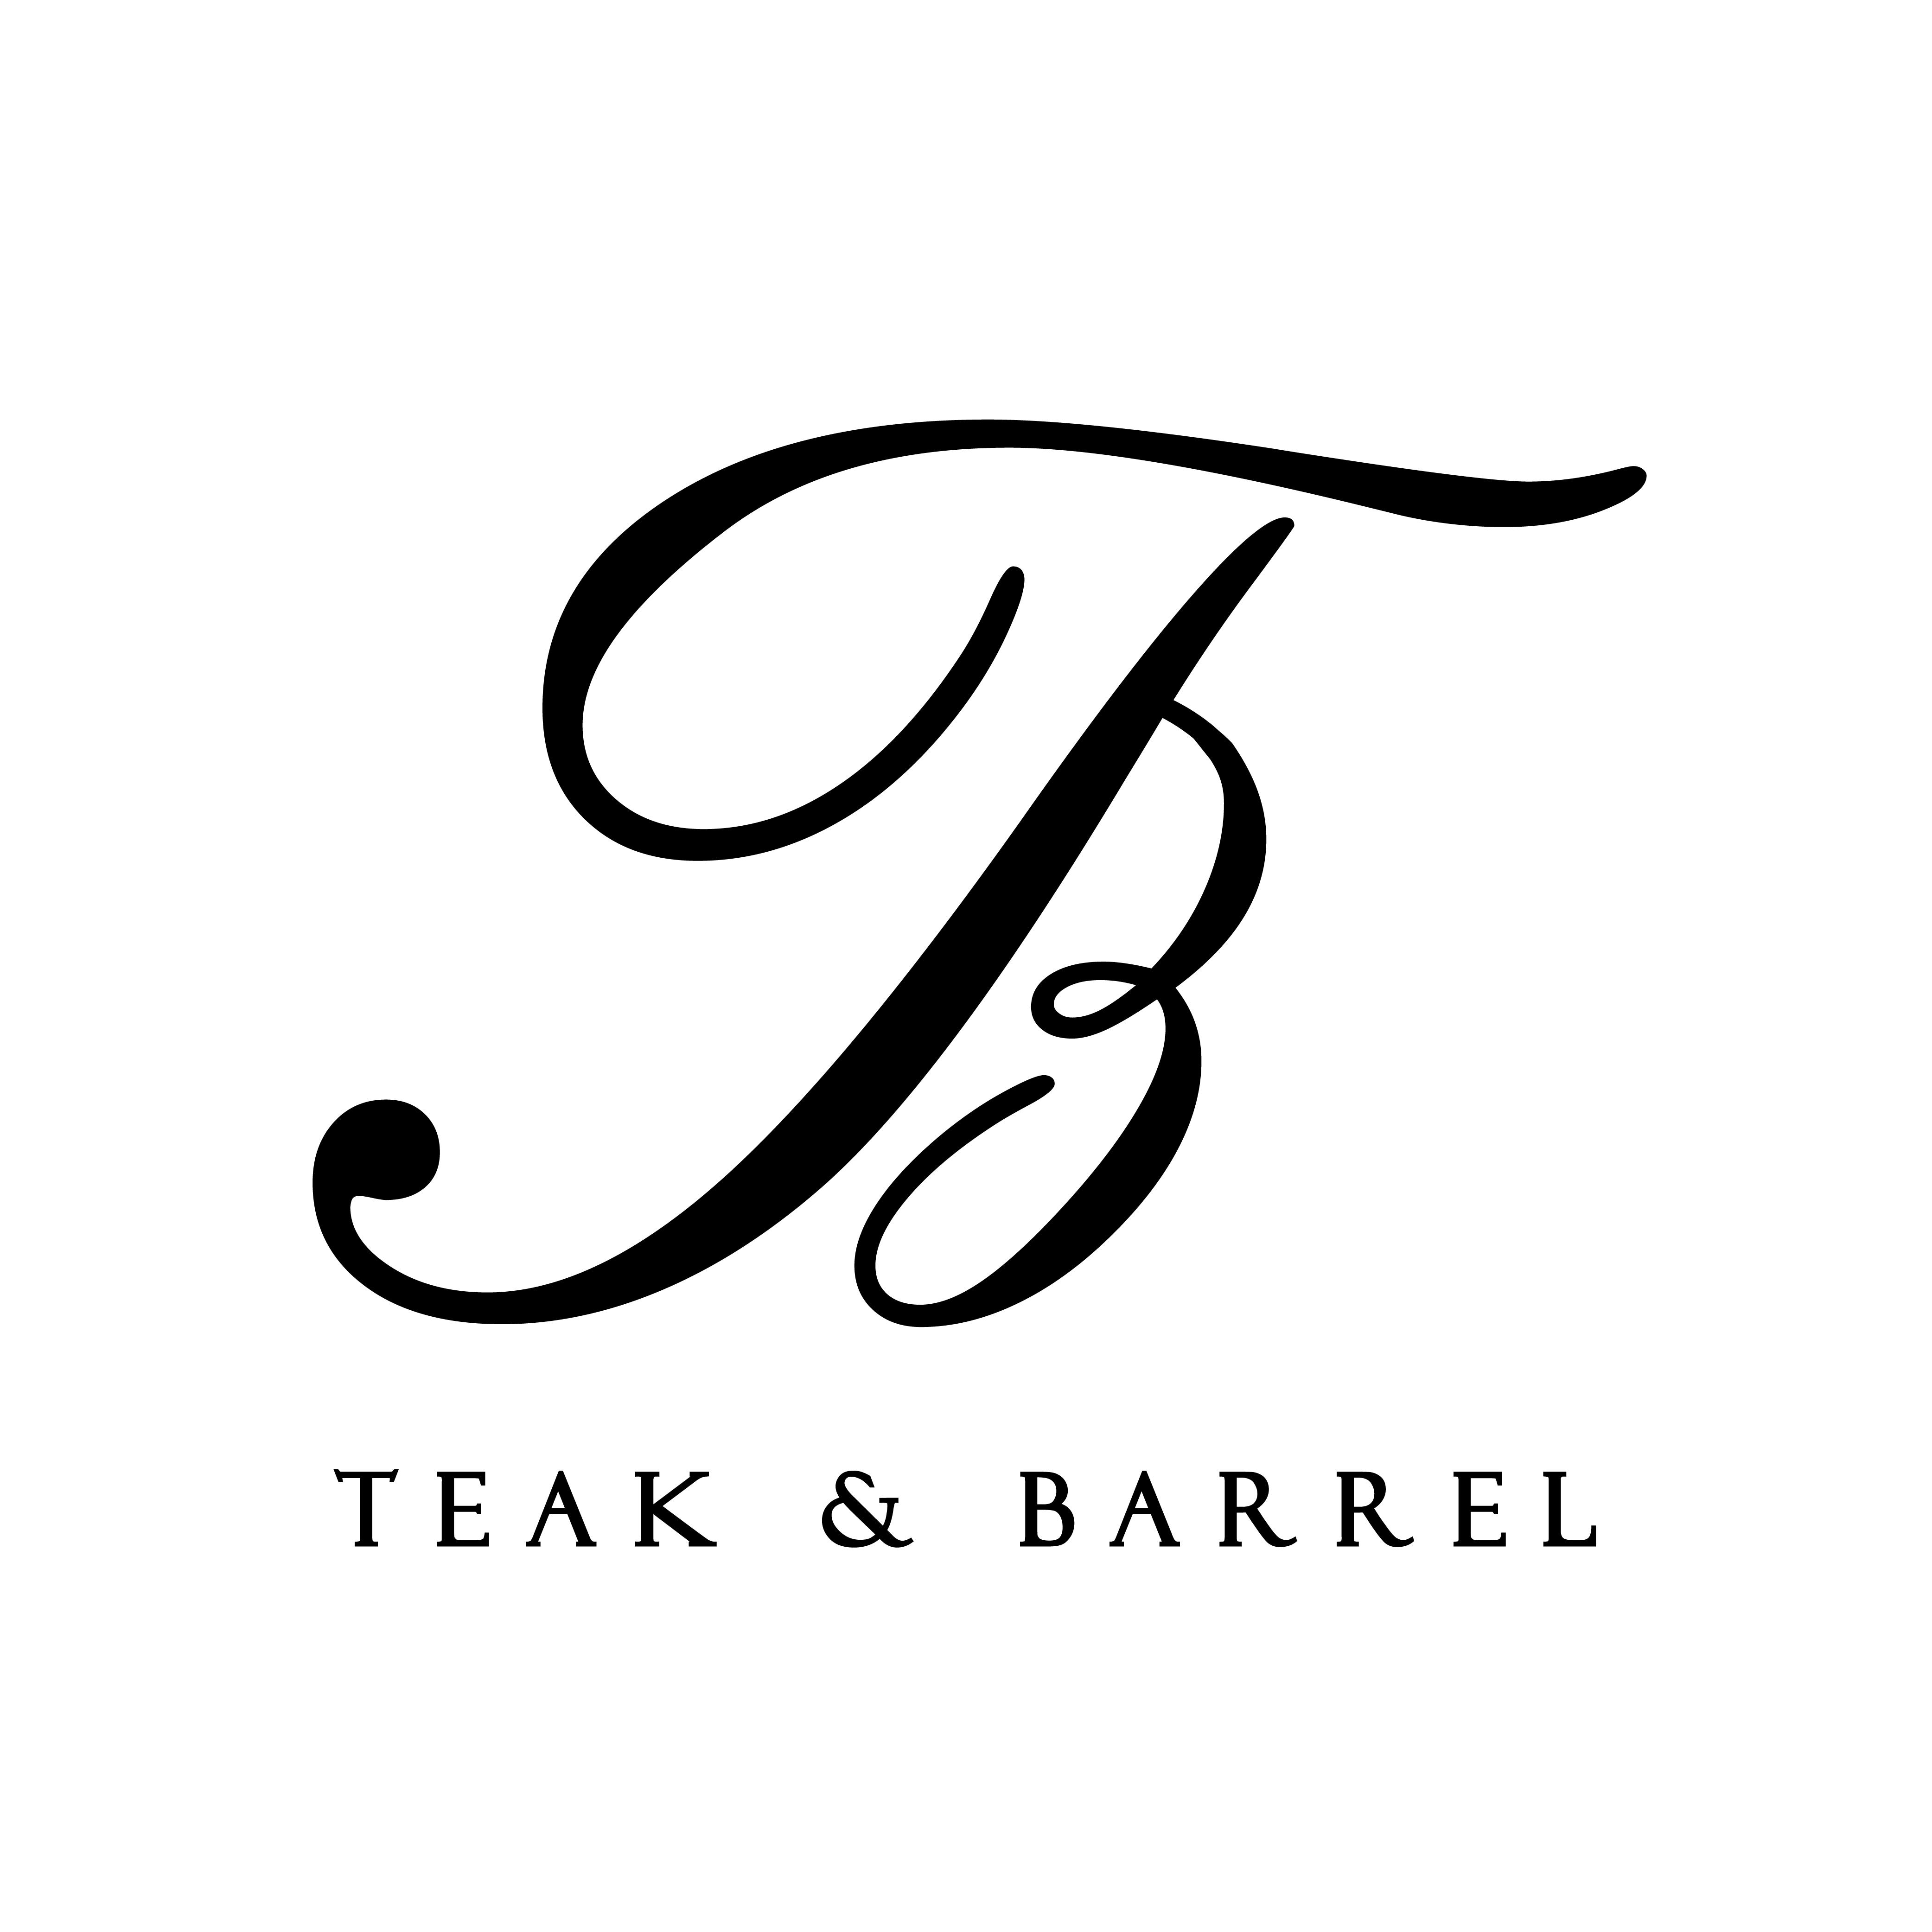 Teak & Barrel